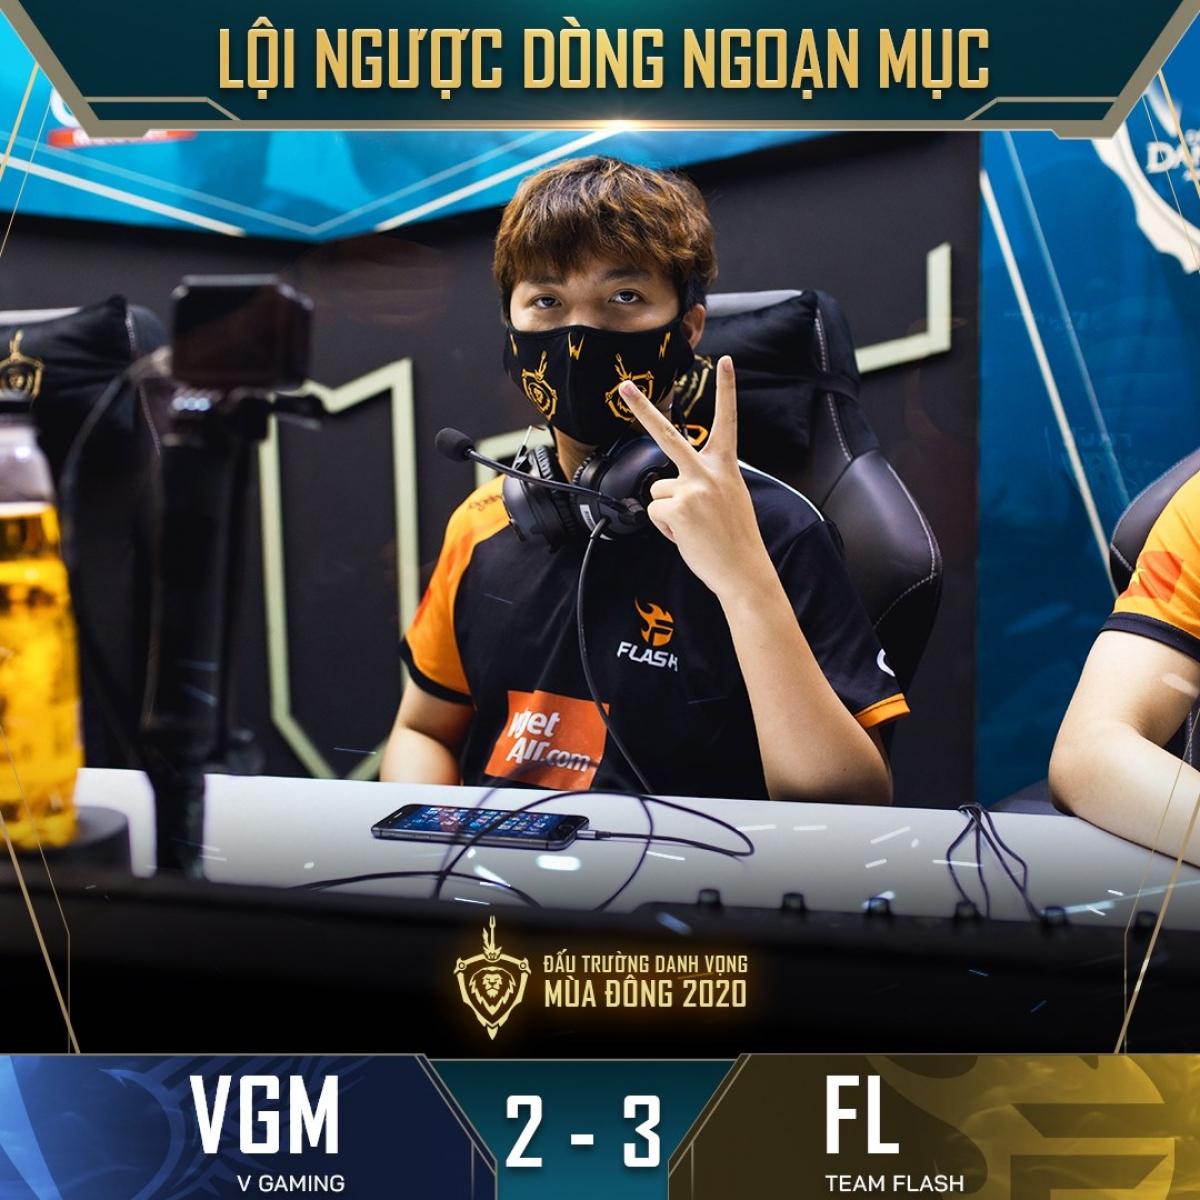 """""""Thần rừng"""" ADC tìm lại chính mình ở 3 ván đấu quyết định trước V-Gaming. (Ảnh: Cao thủ Liên quân)."""